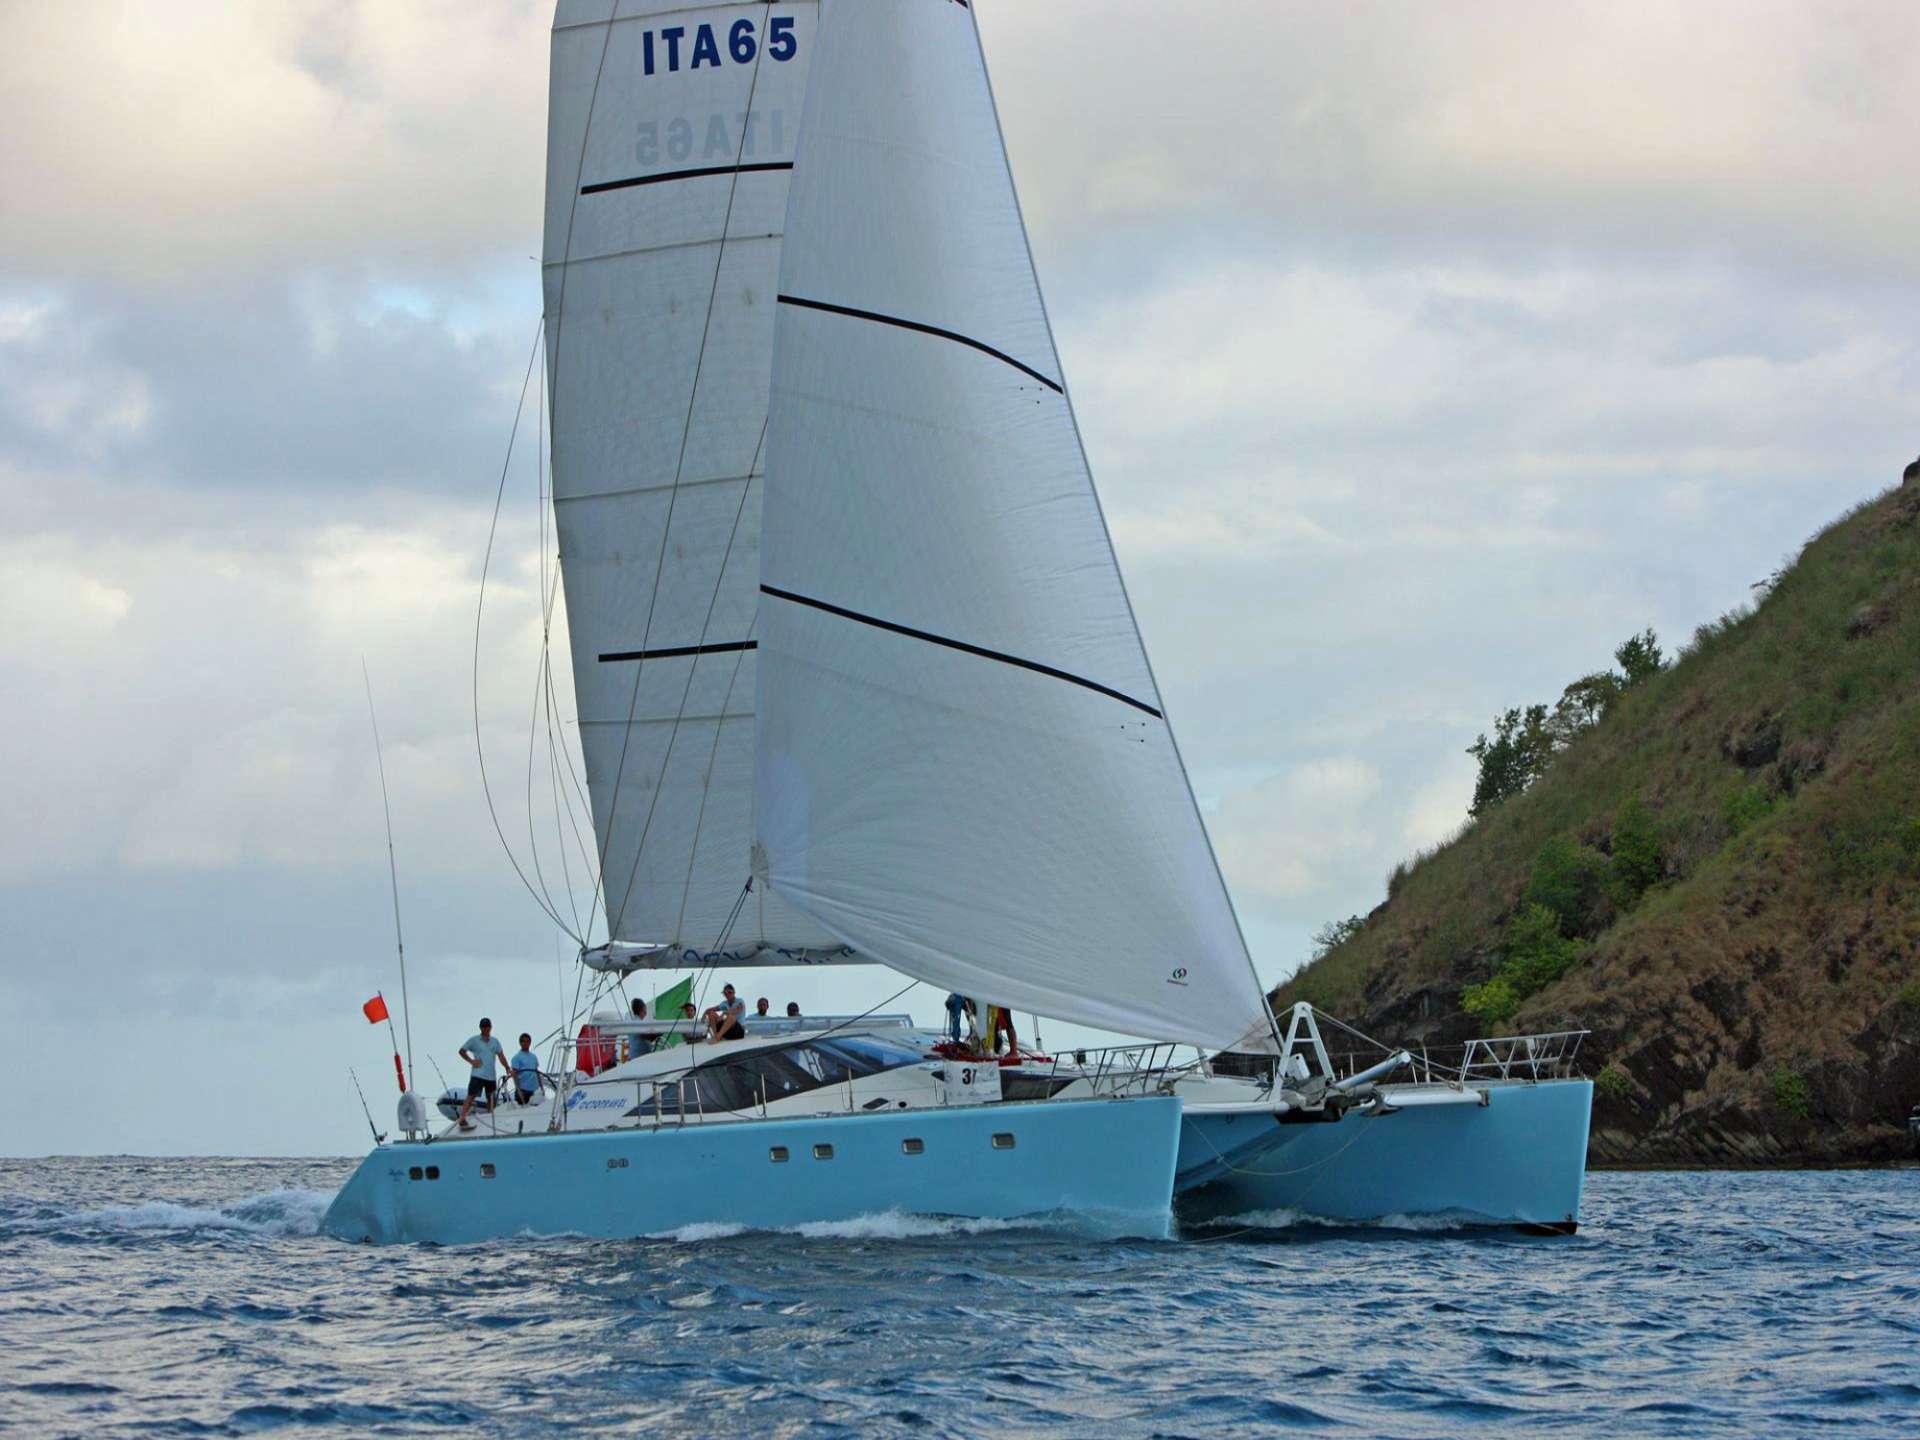 sail-caribbean-bravo-teen-scuba-kapoorsexxx-lap